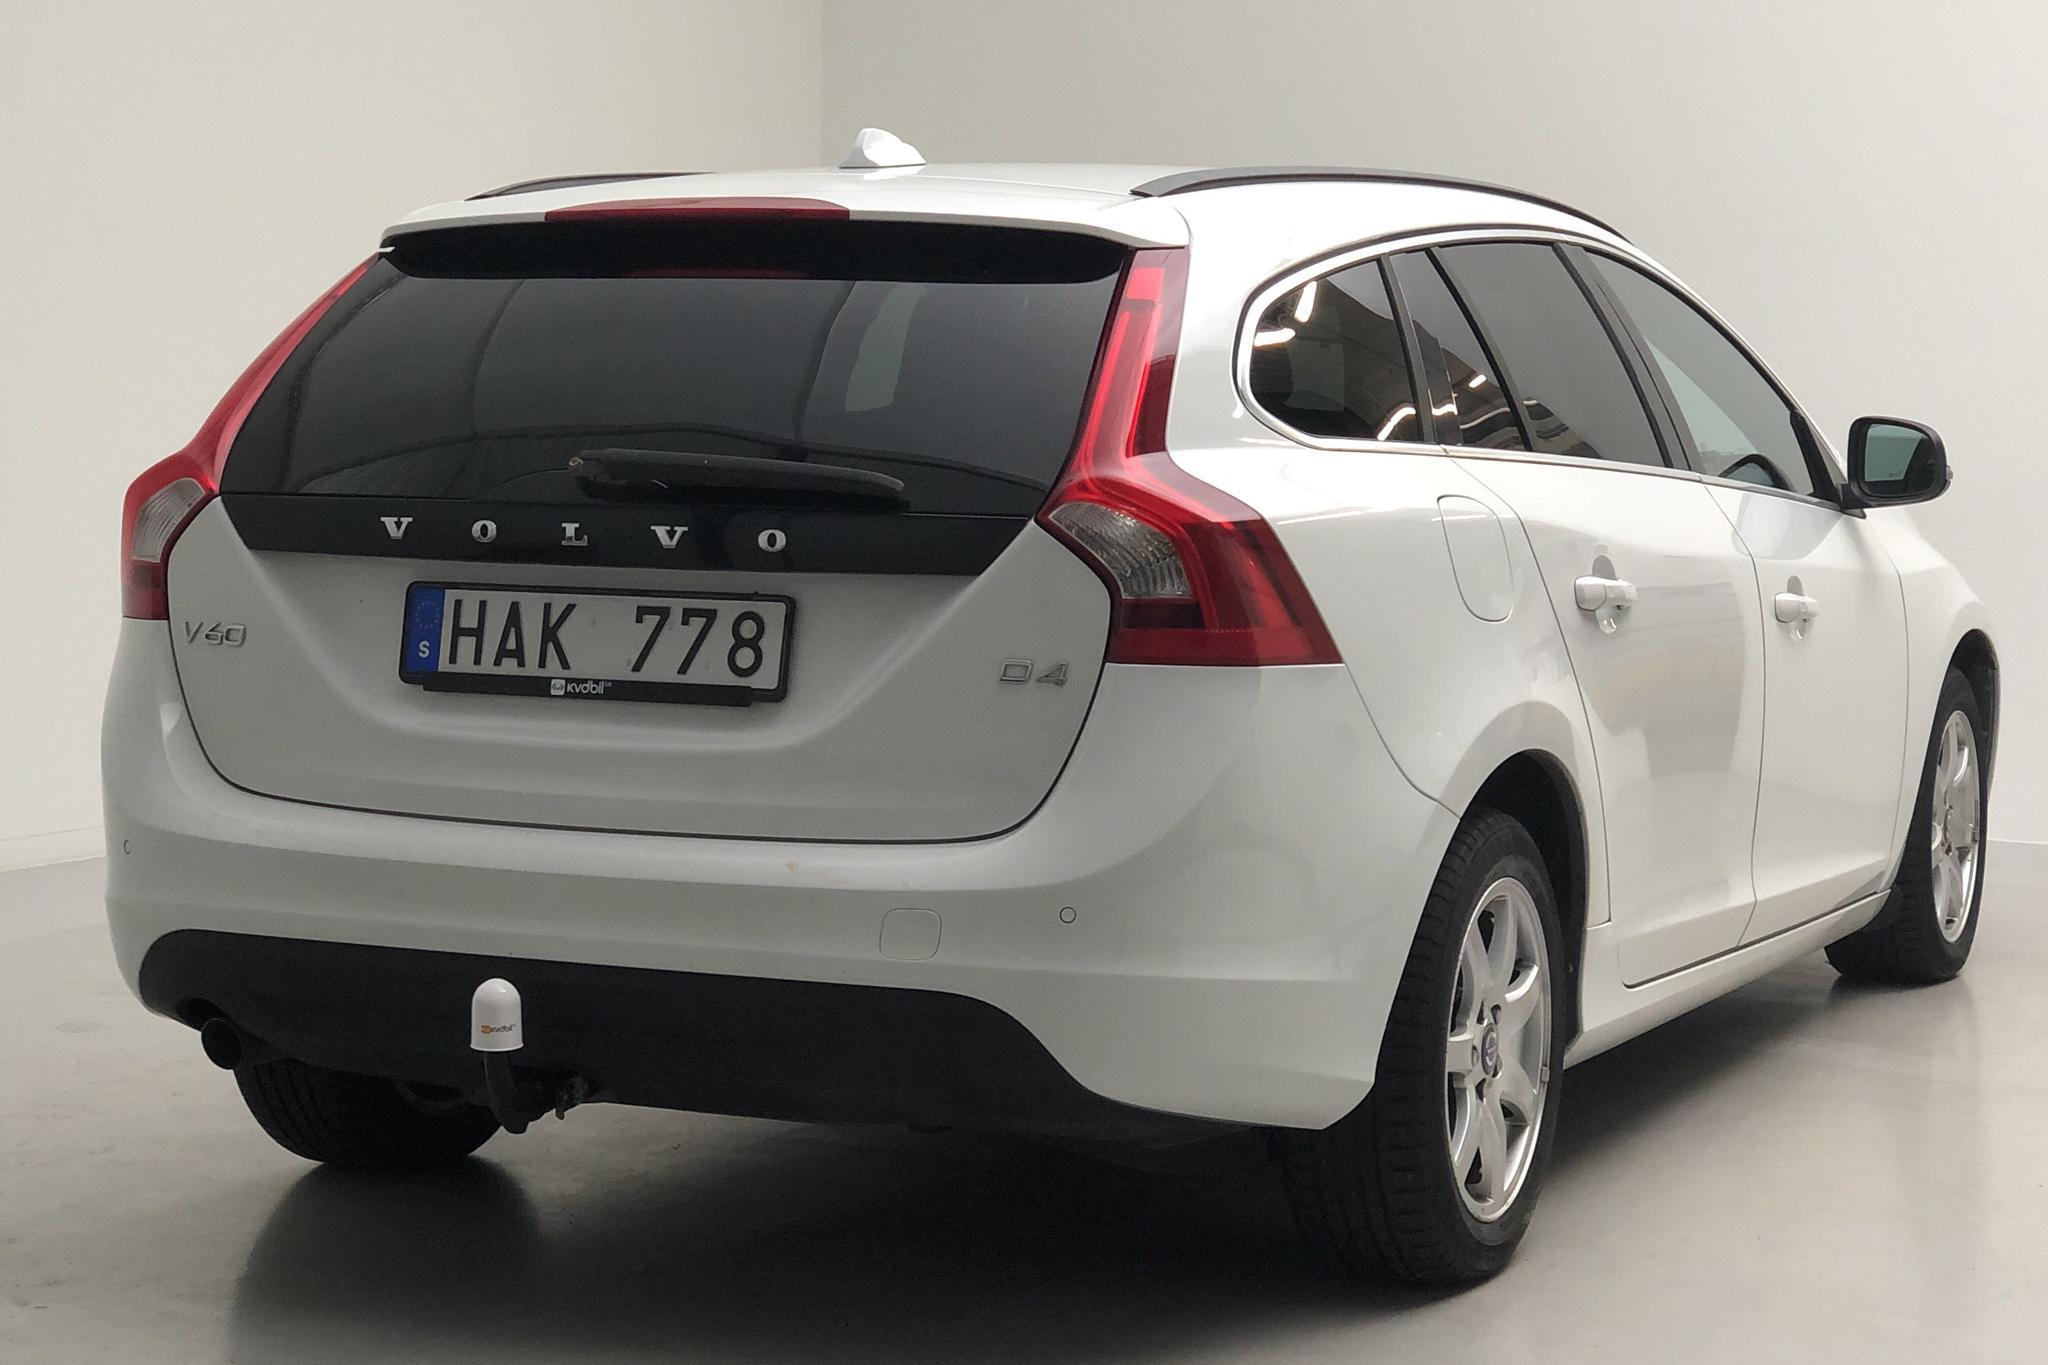 Volvo V60 D4 (163hk) - 206 430 km - Manual - white - 2013